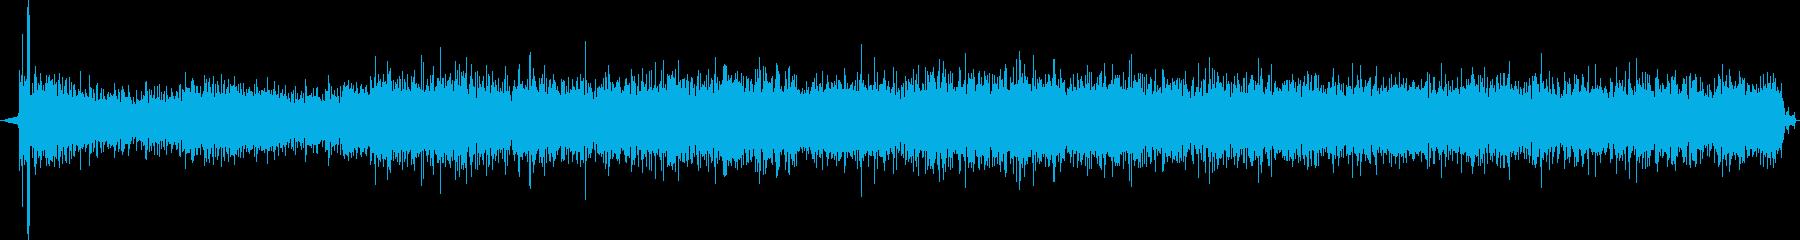 プロパントーチ:起動、動きのある低...の再生済みの波形